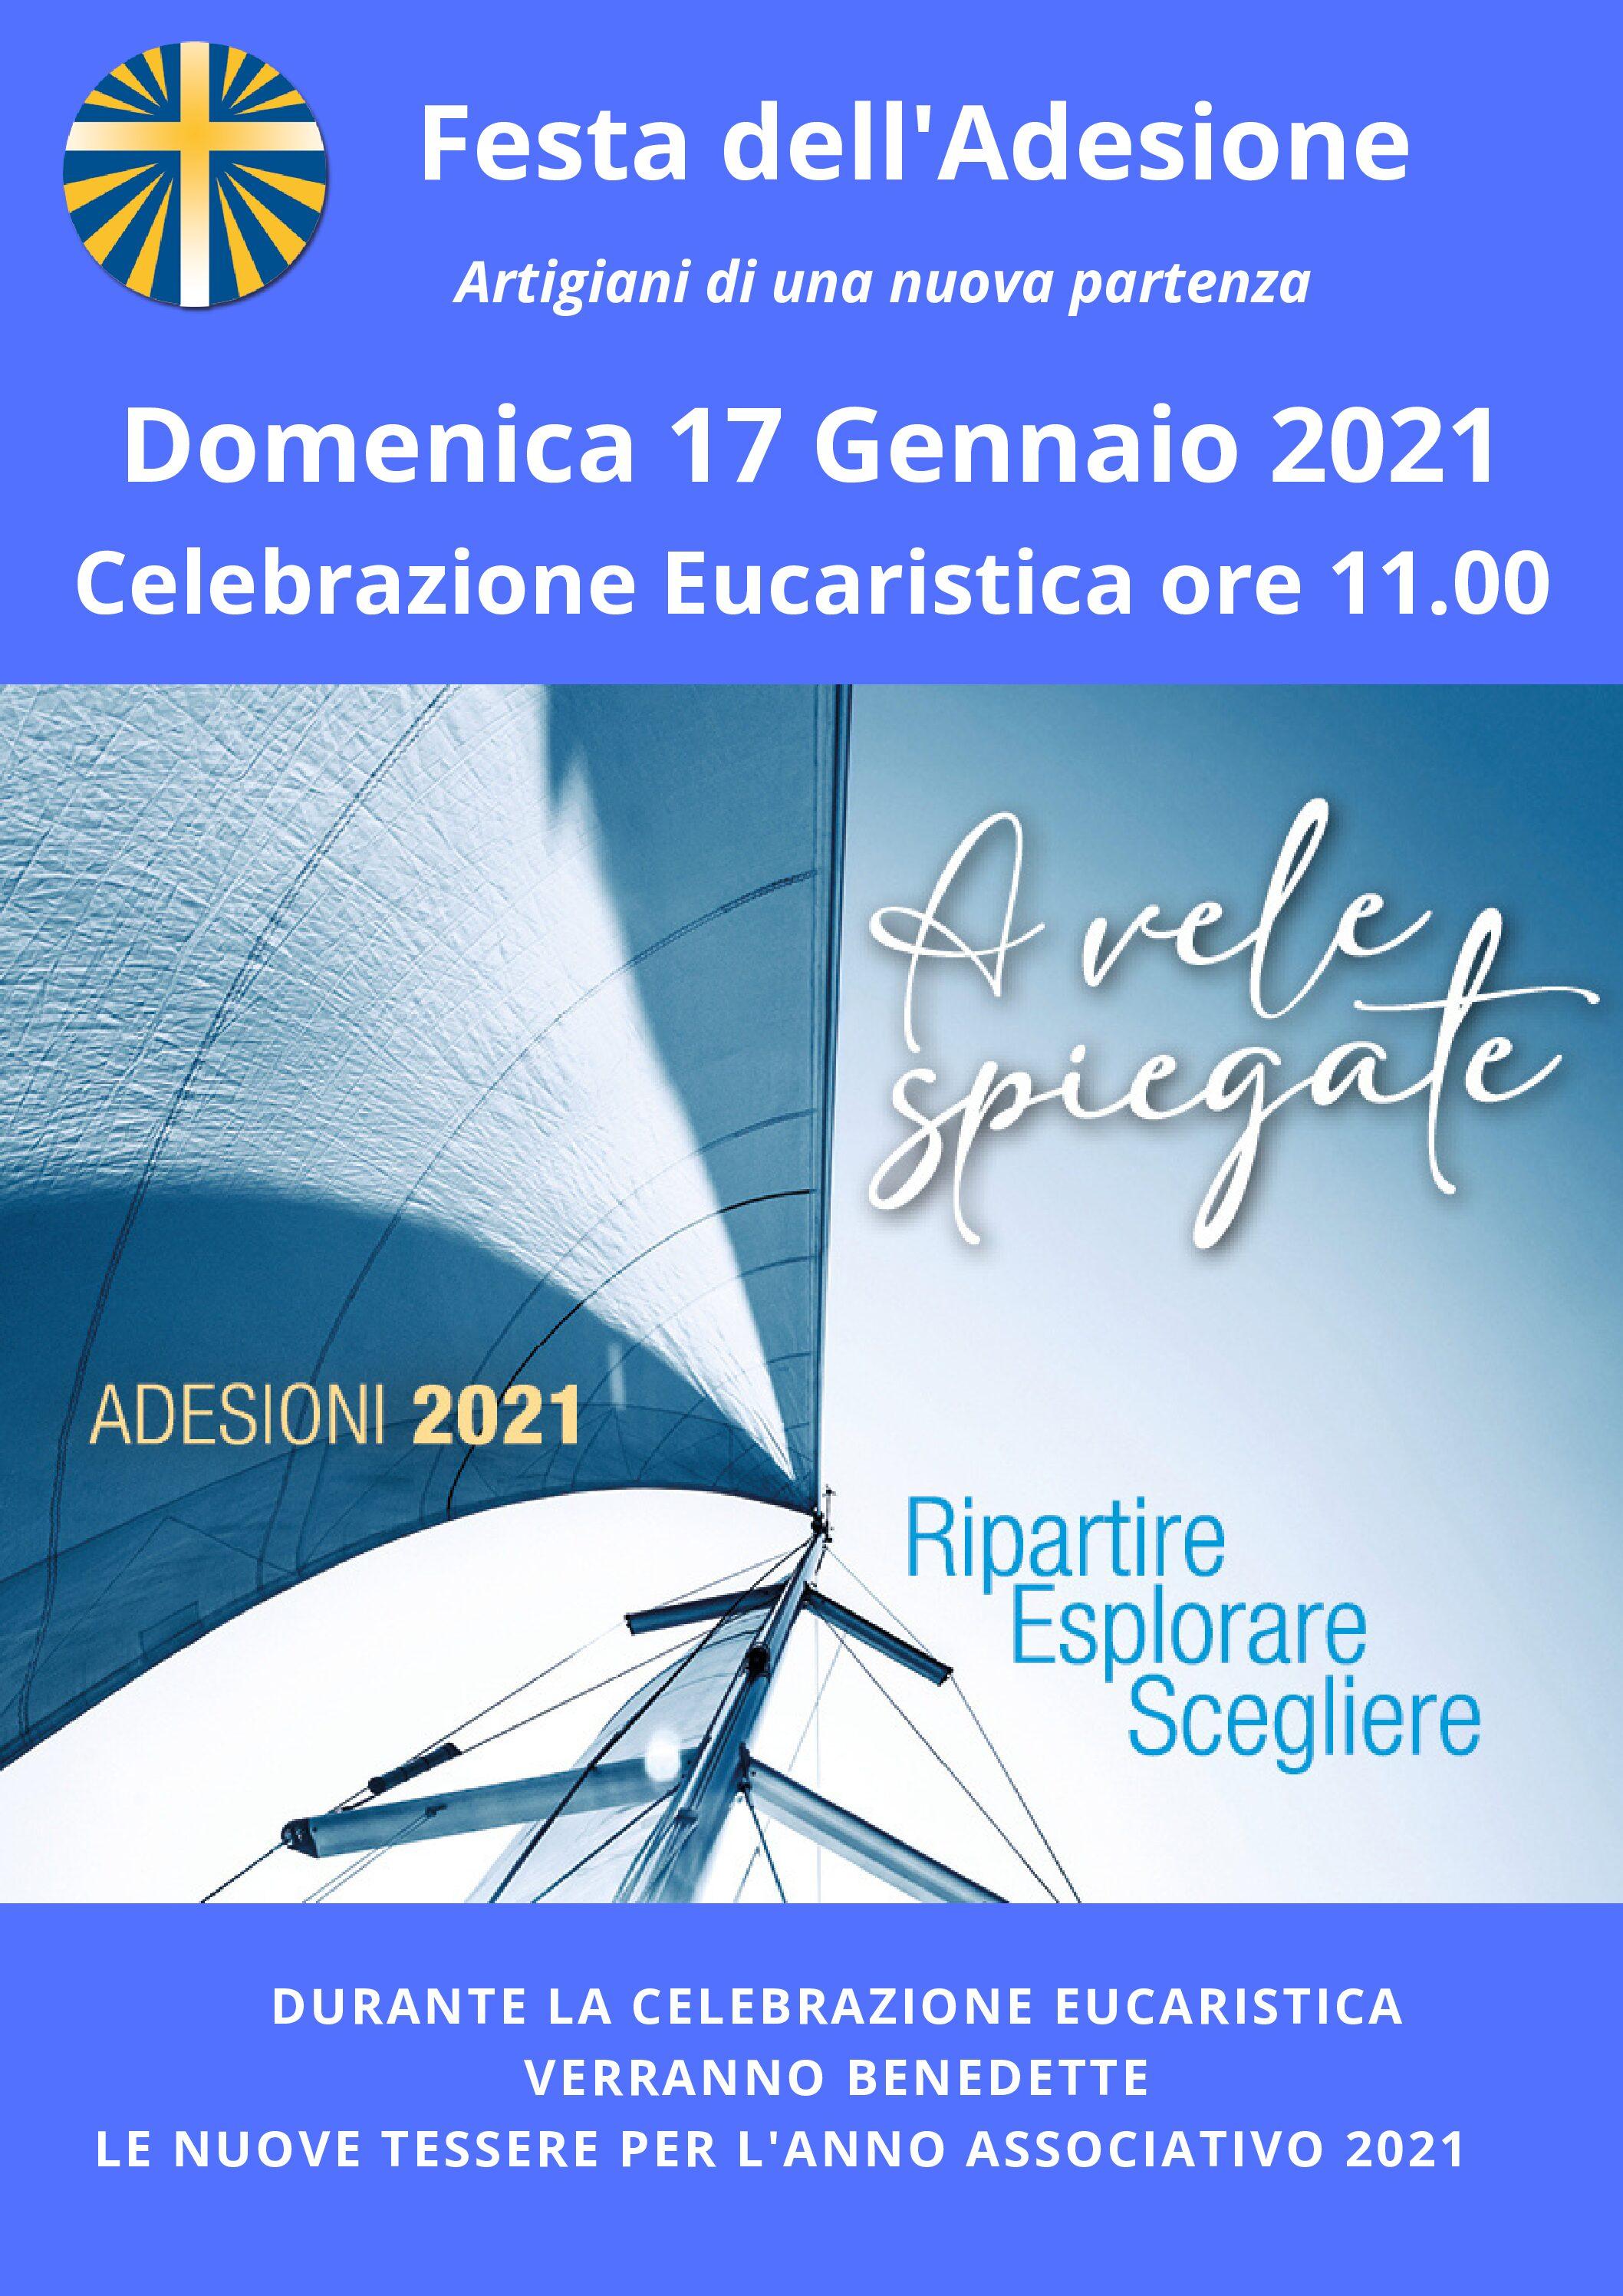 Festa dell'adesione Azione Cattolica